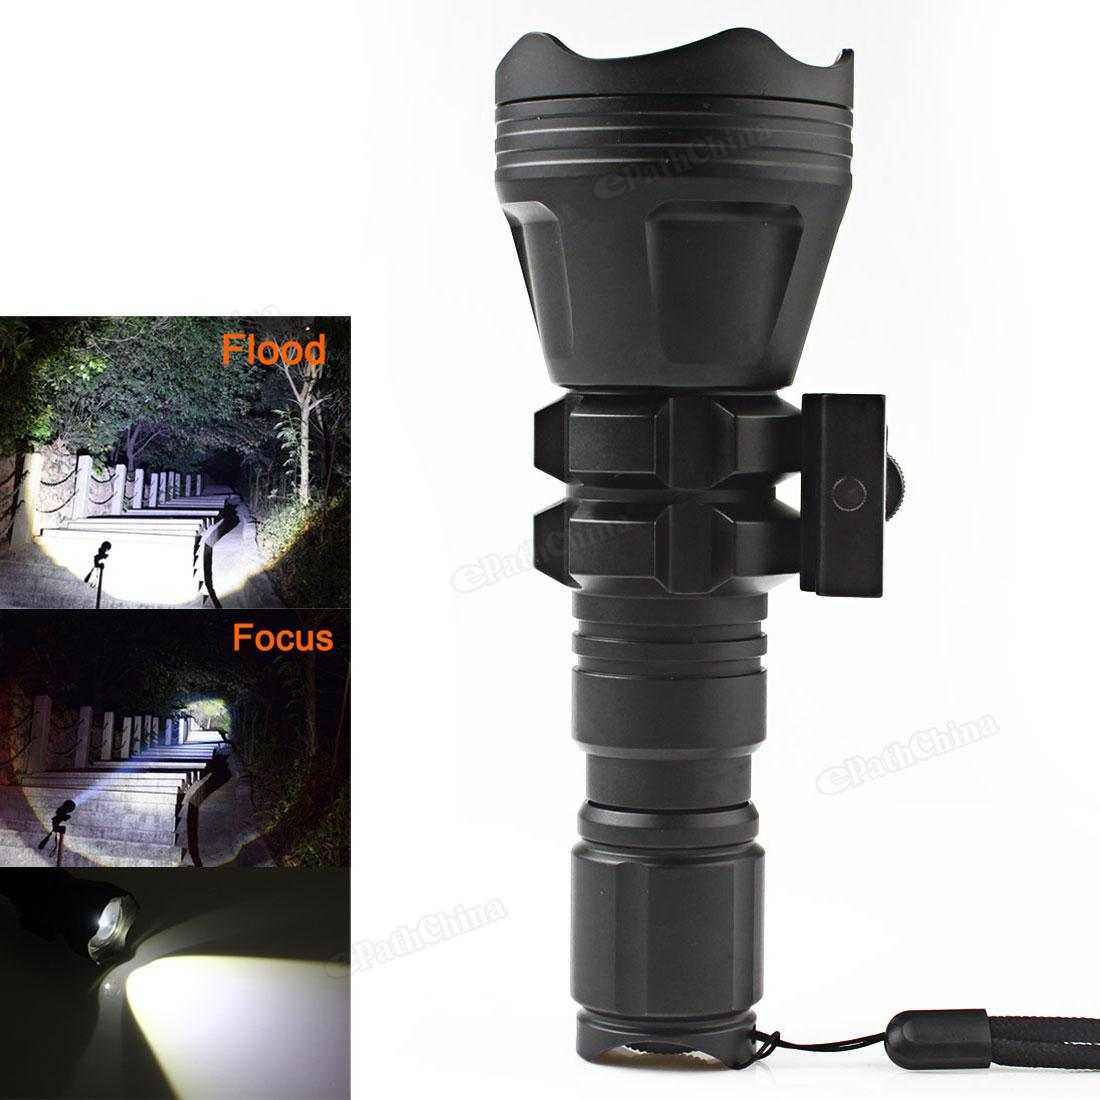 B158 lampe de poche LED lentille convexe Zoom lampe torche XM-L2 U4 lumière de chasse 900 Lumens en aluminium lampe Flash tactique